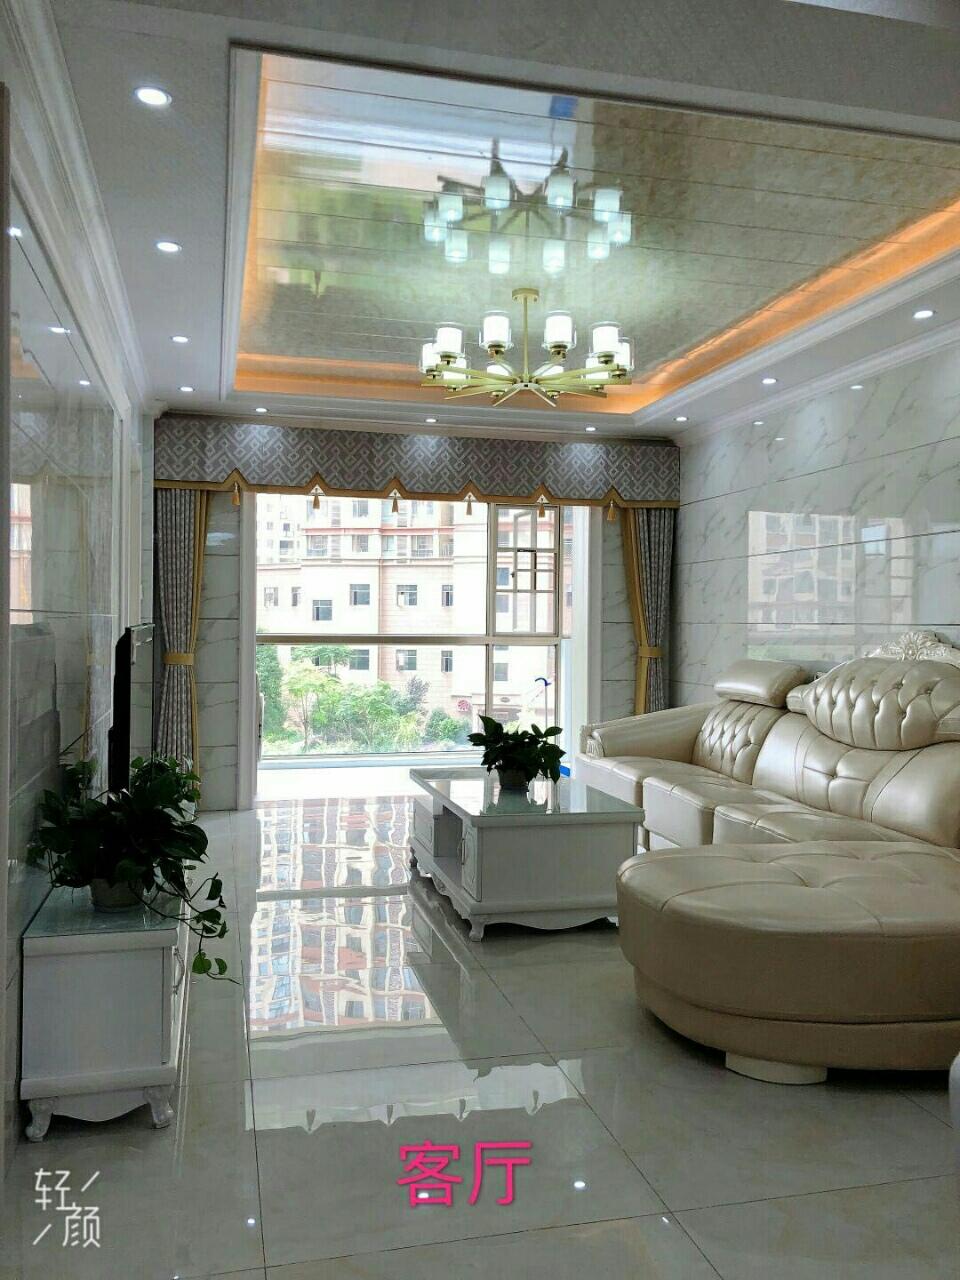 桃江龍城3室2廳1衛88萬,九小八中學區房